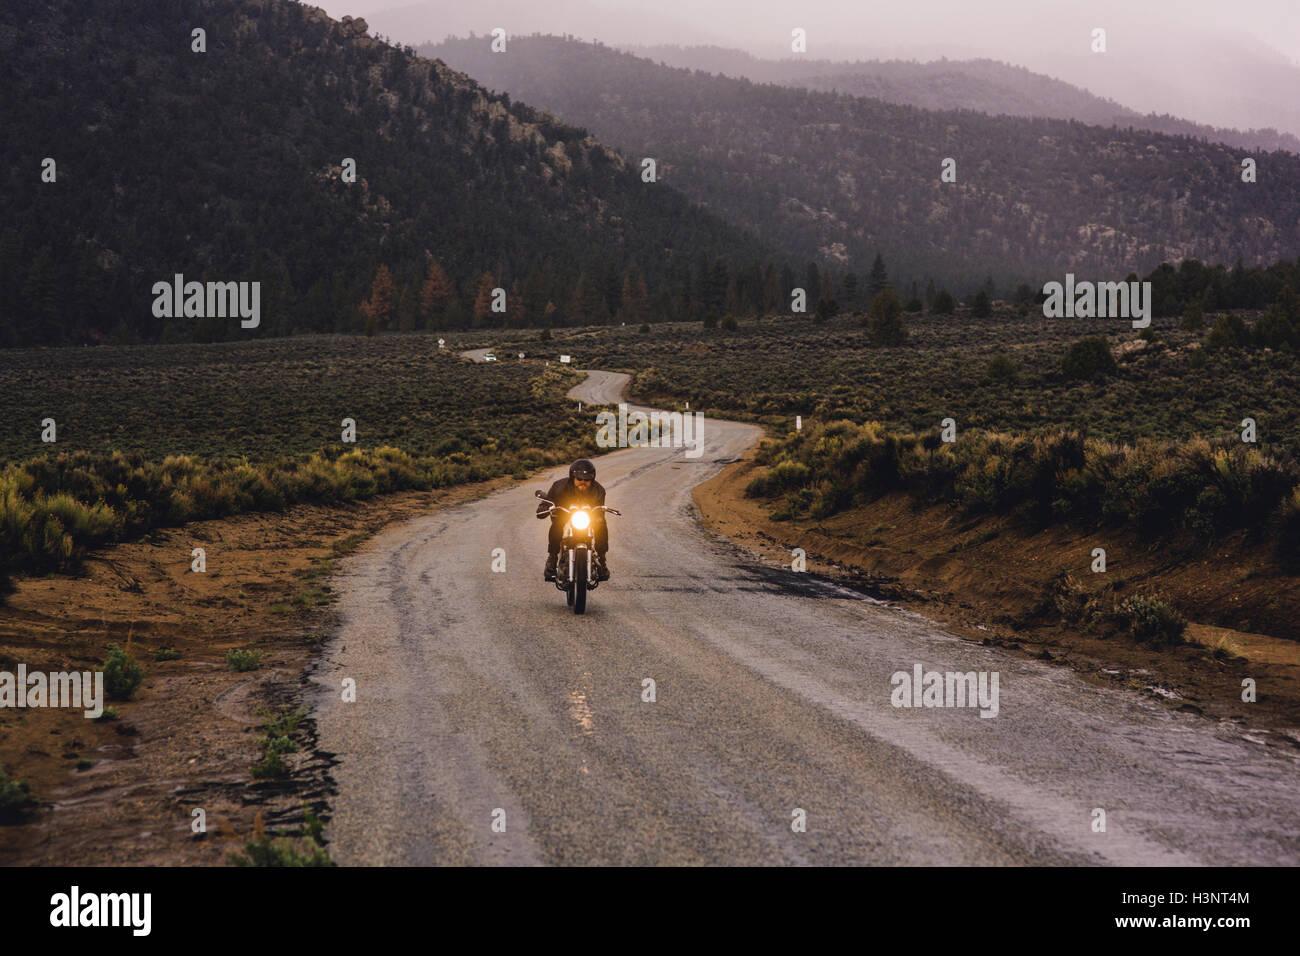 El motorista montando moto en carretera abierta, Kennedy Meadows, California, EE.UU. Foto de stock